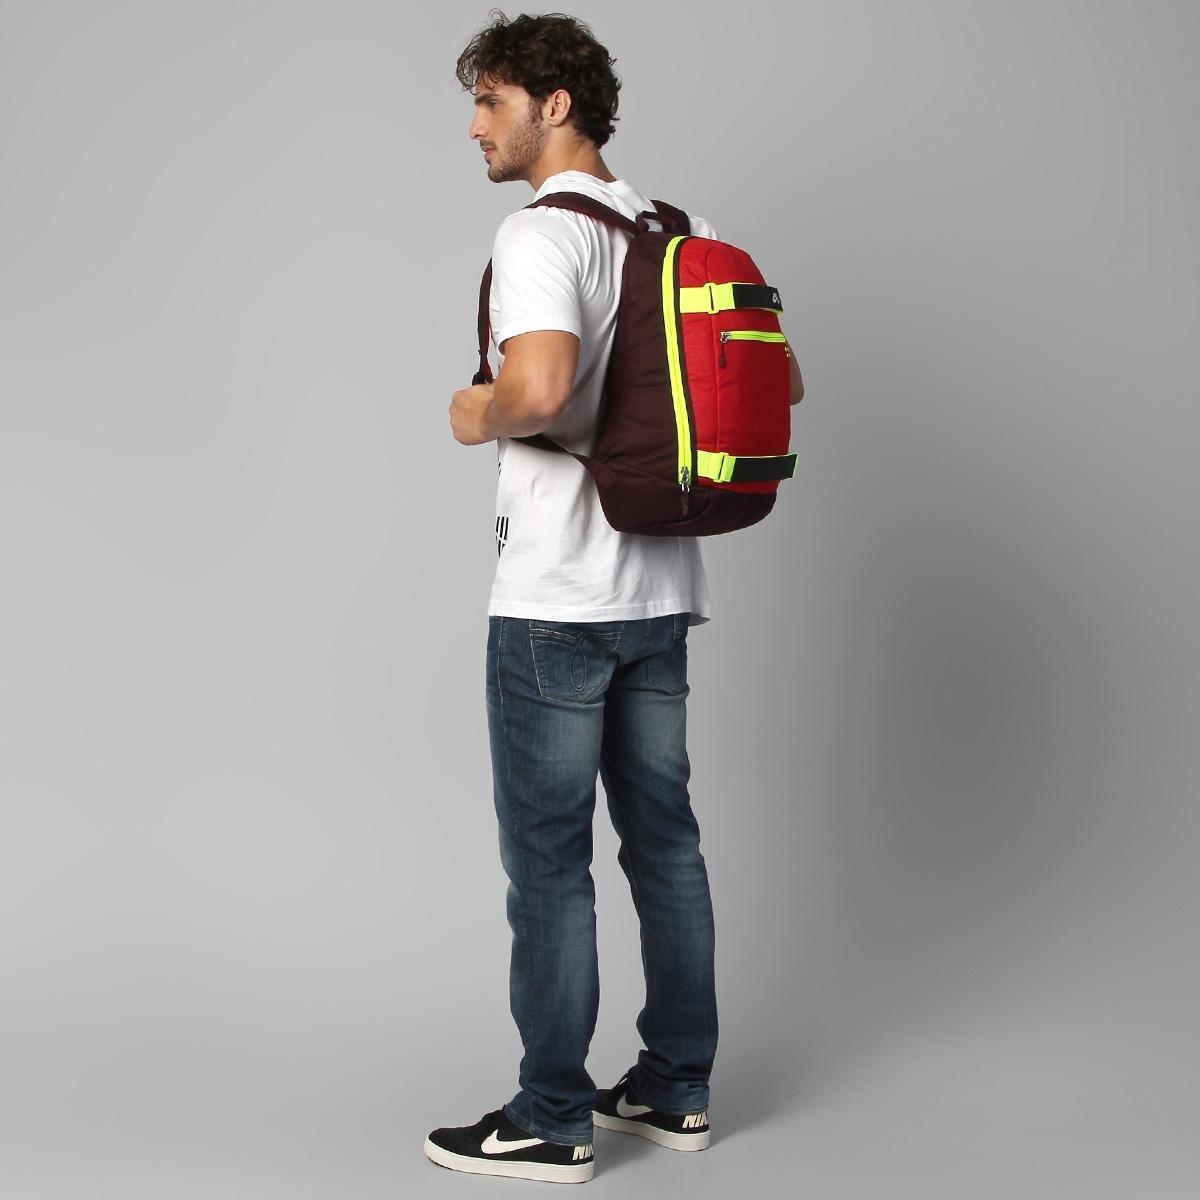 da66446057 Mochila Nike Embarca Medium - Vermelho e Vinho